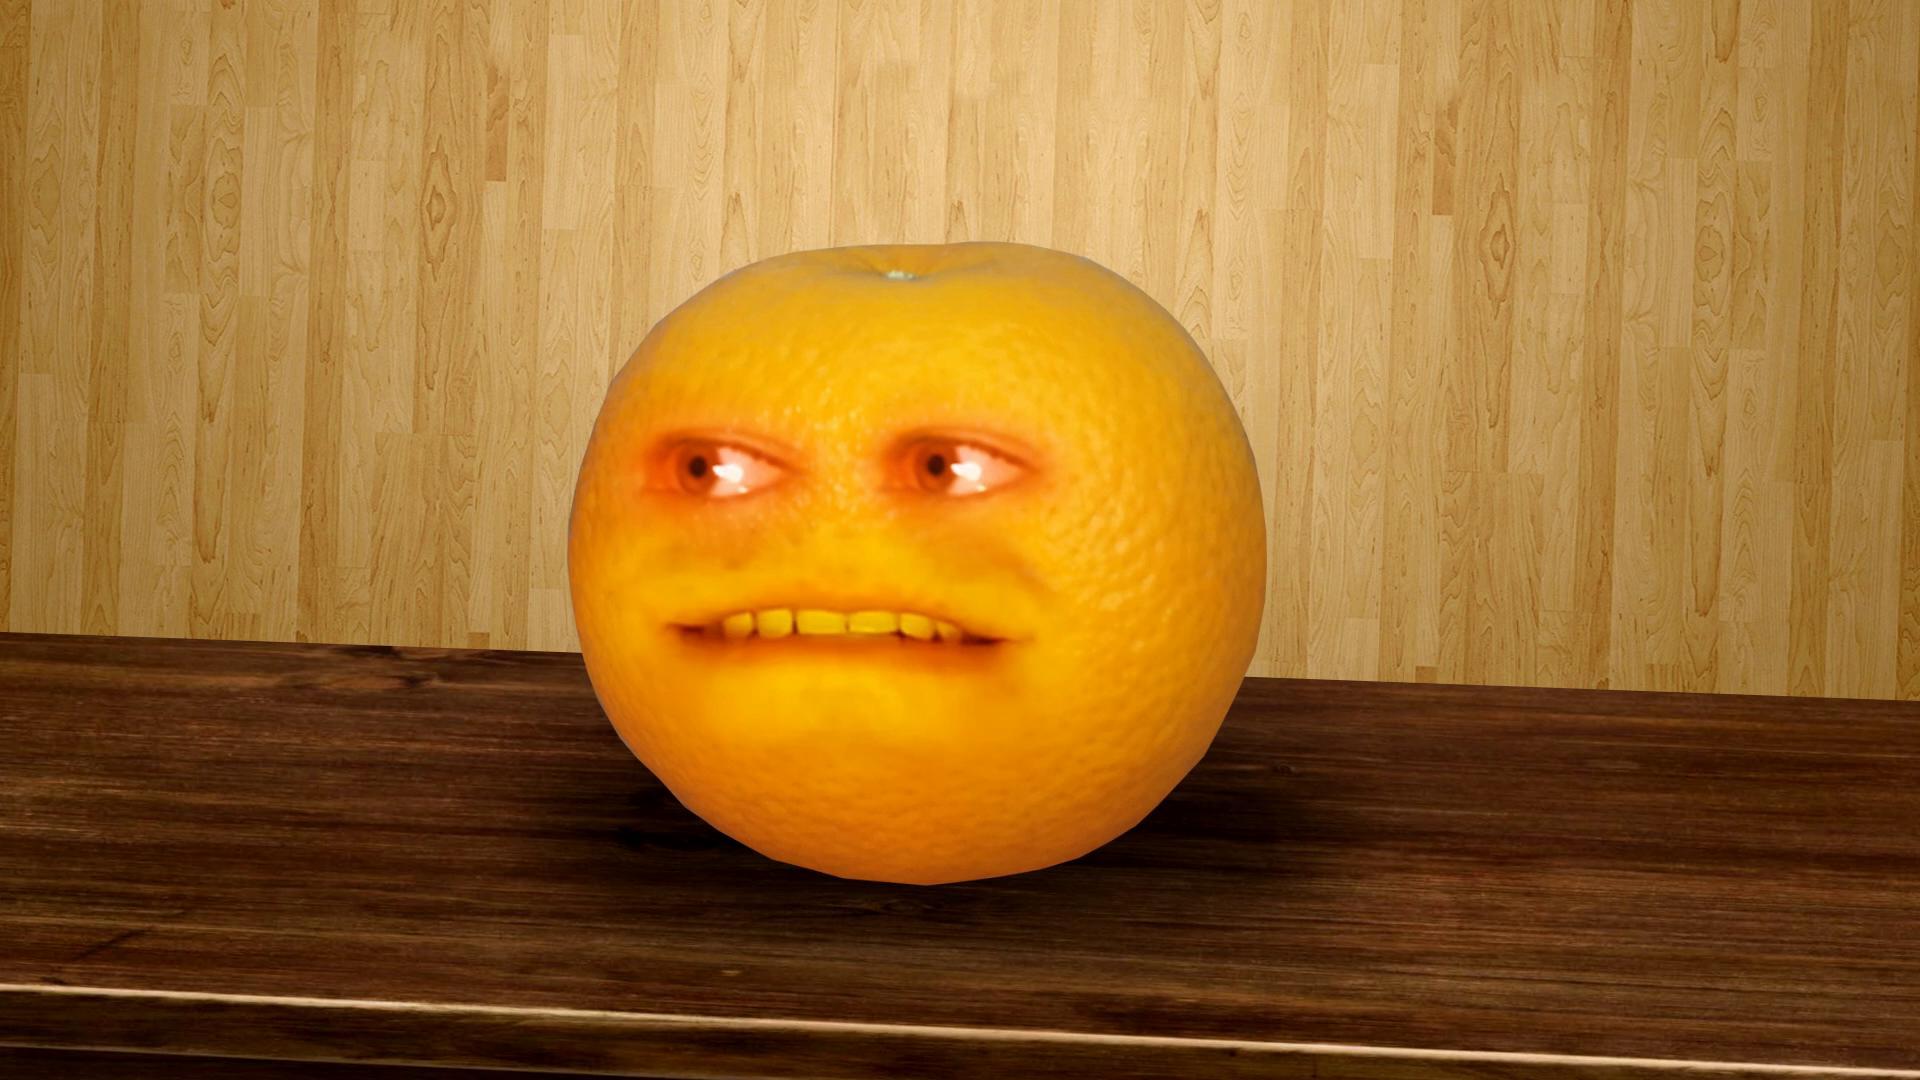 Прикольные картинки с апельсином